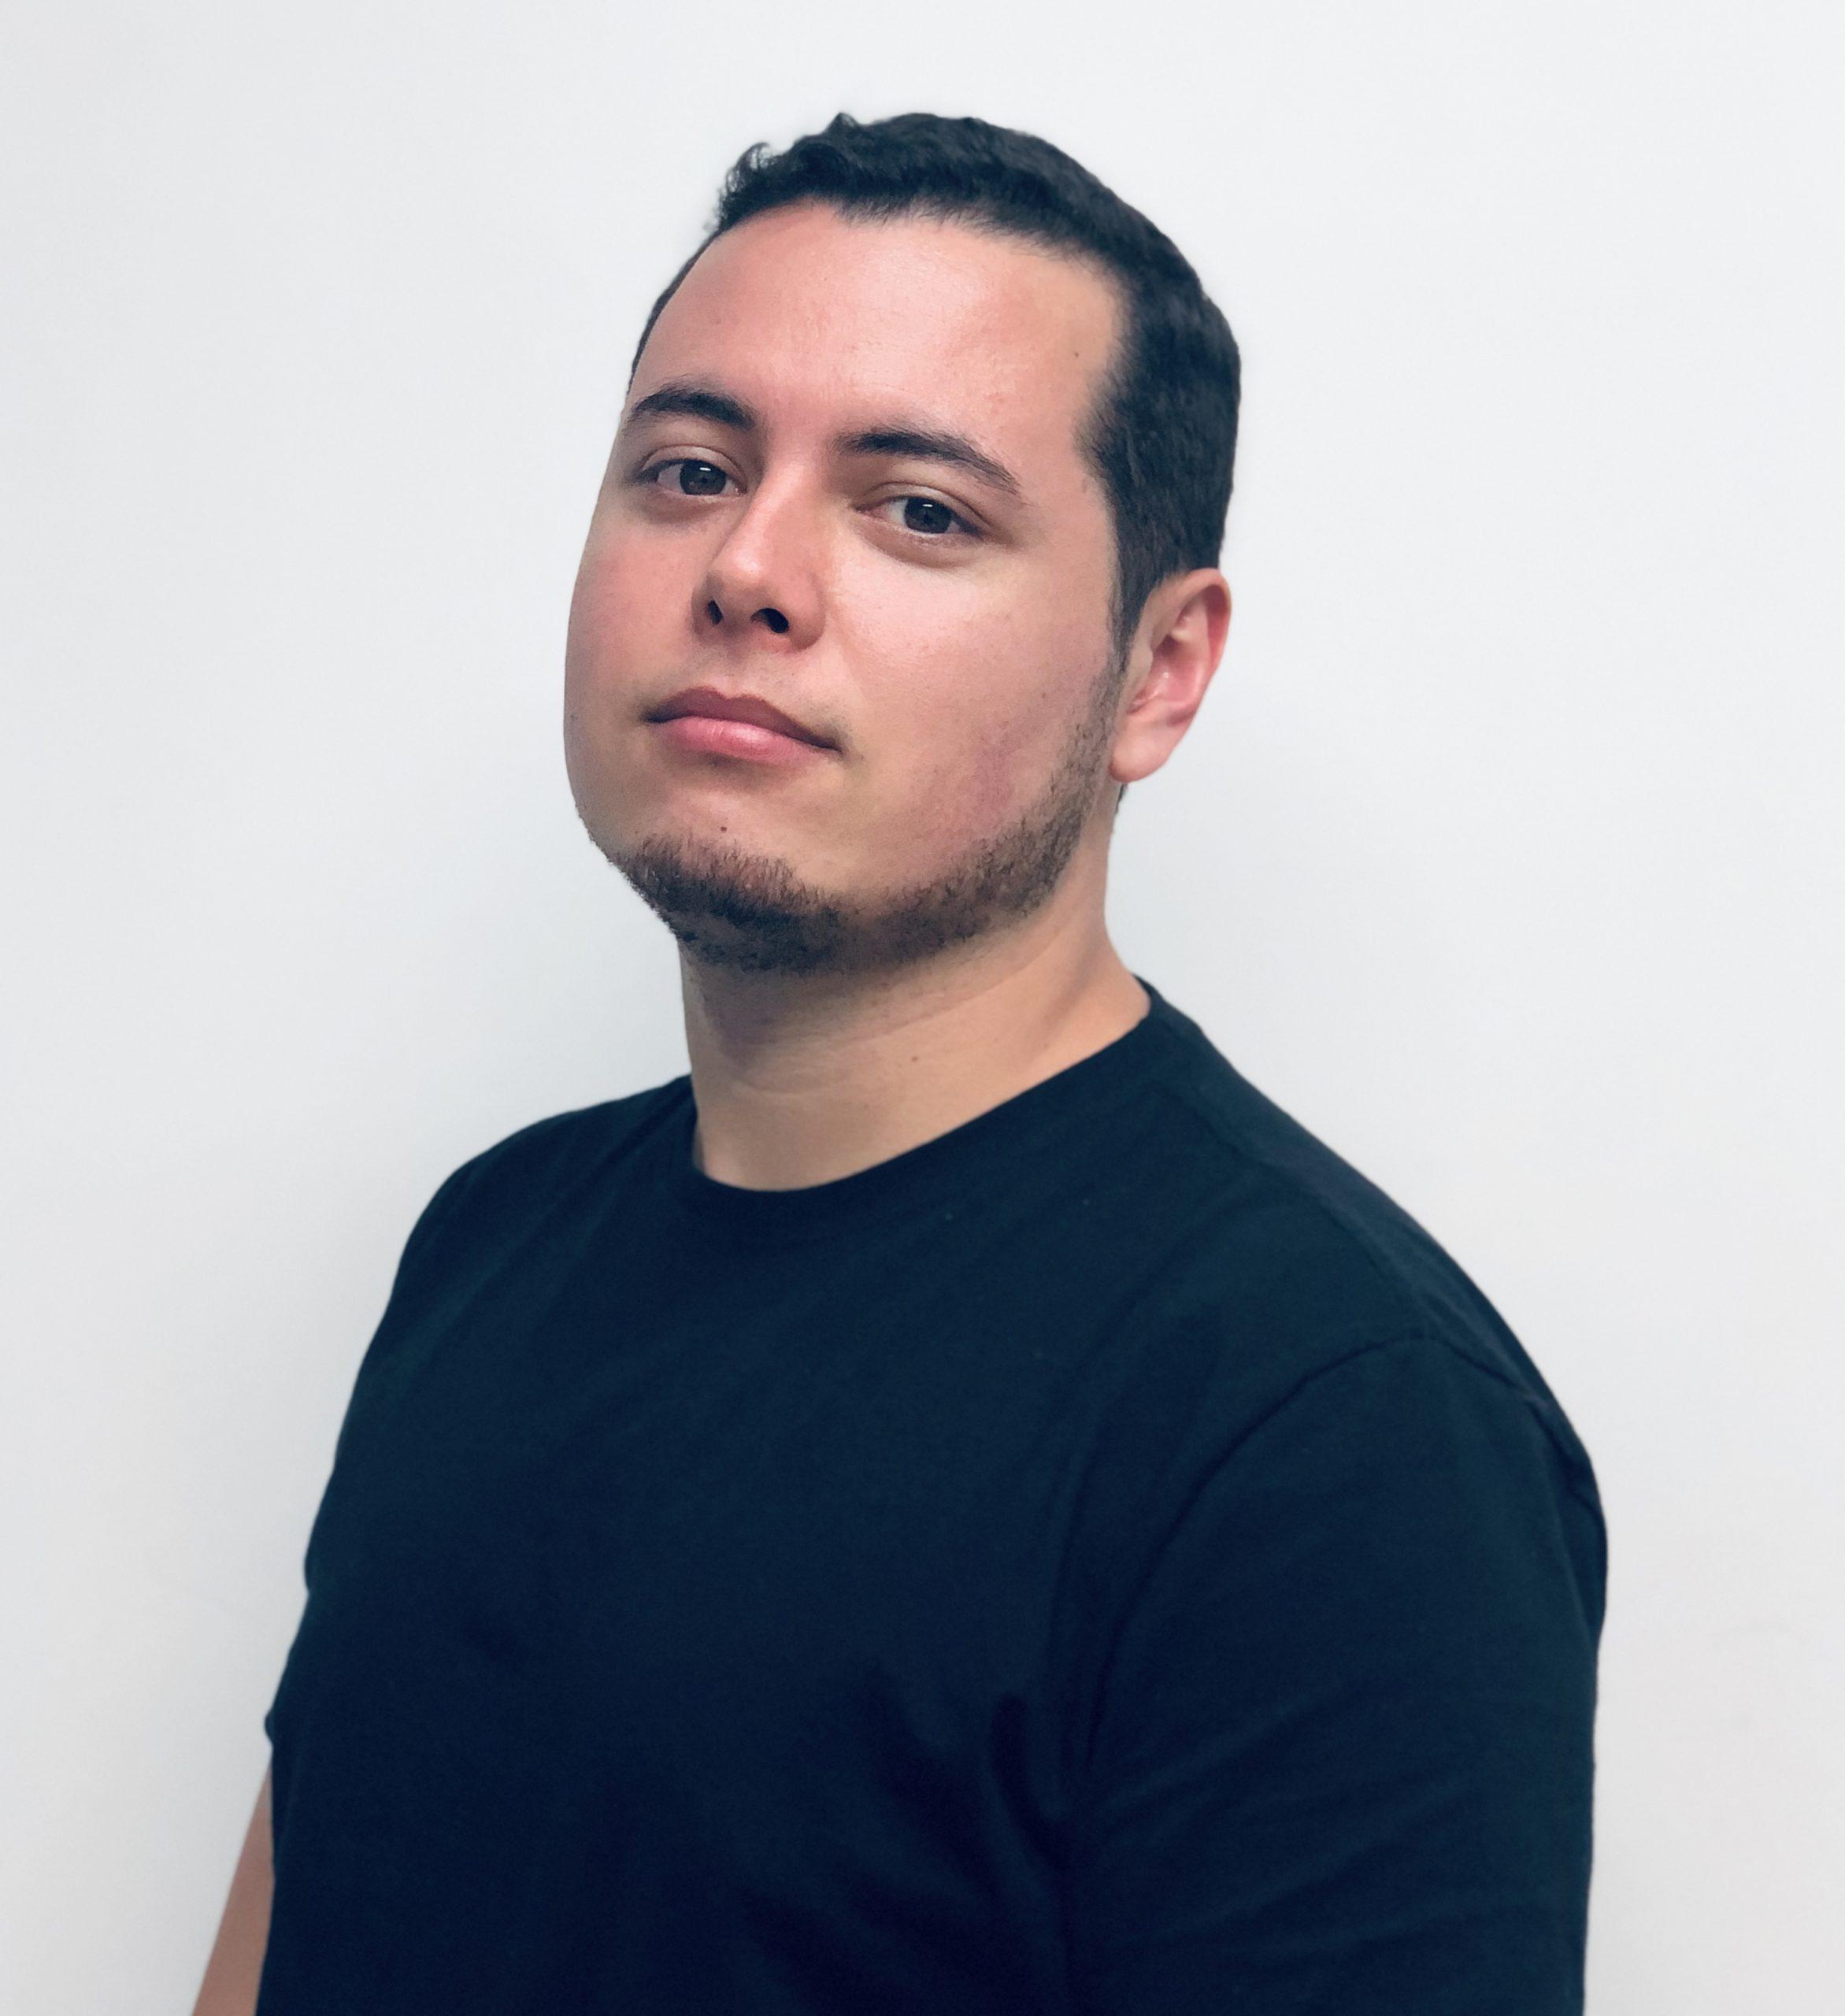 Felipe Grasnievicz